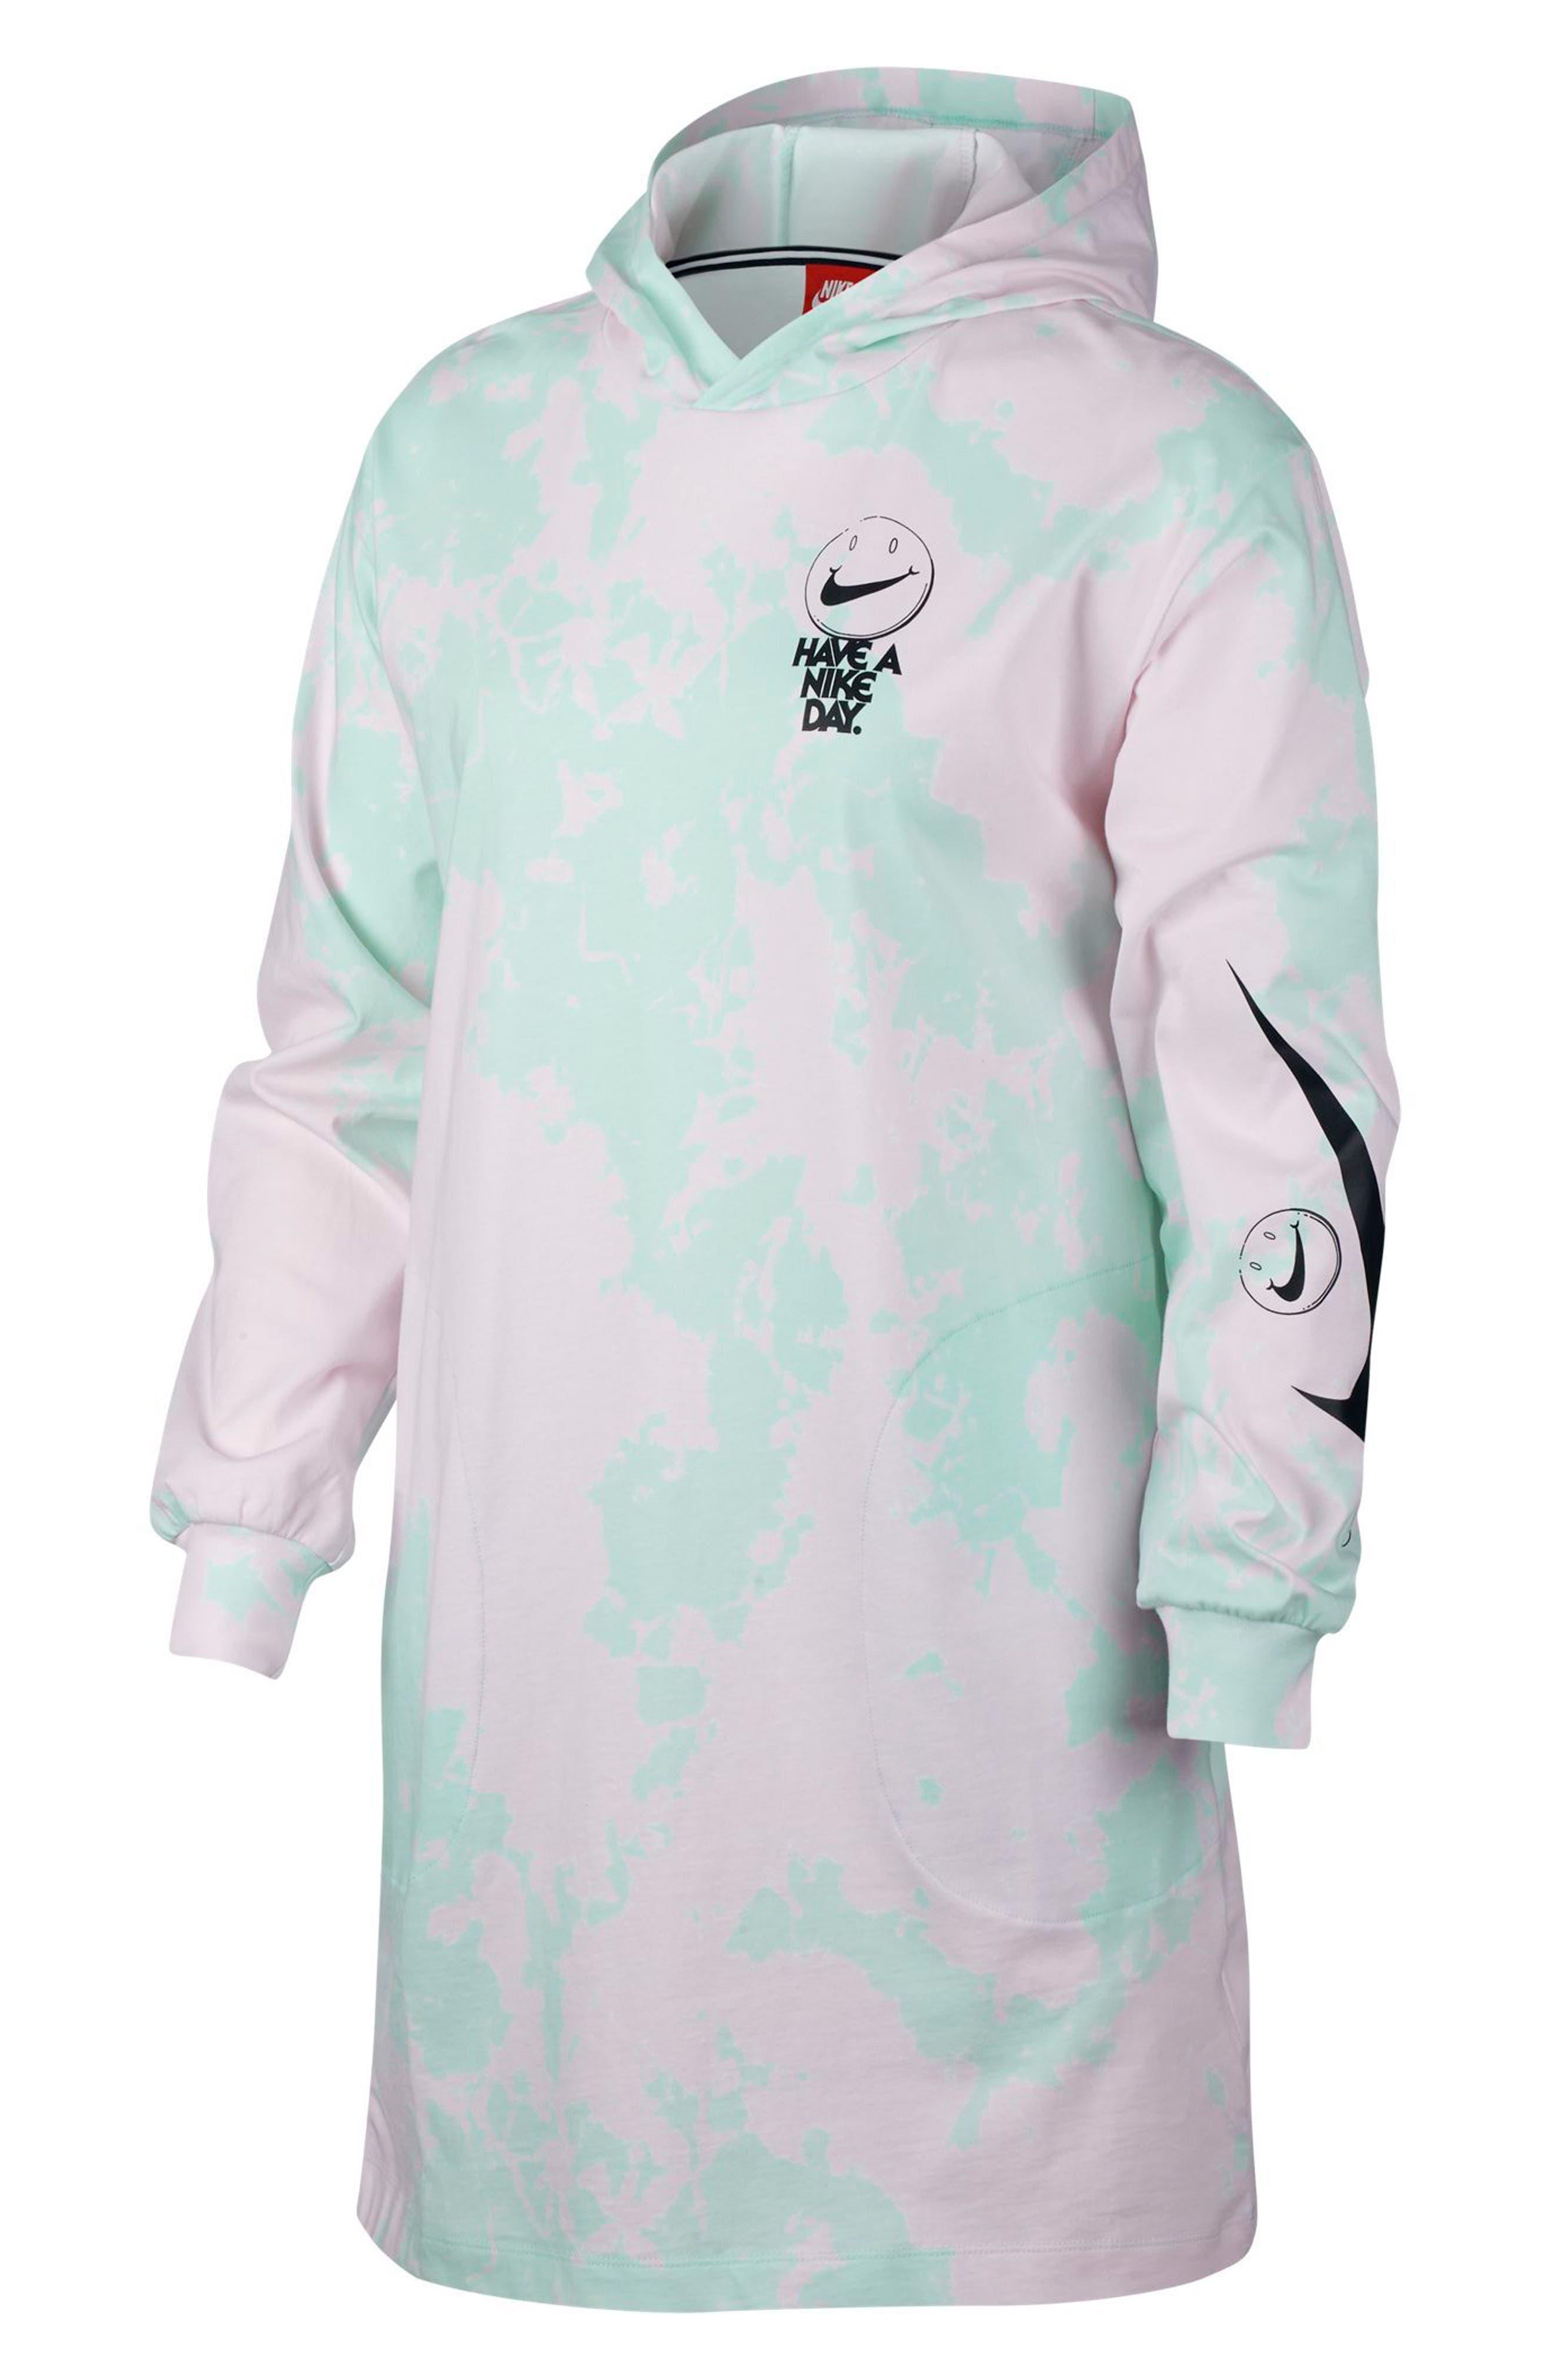 Nike Sportswear Tie Dye Hooded Jersey Dress